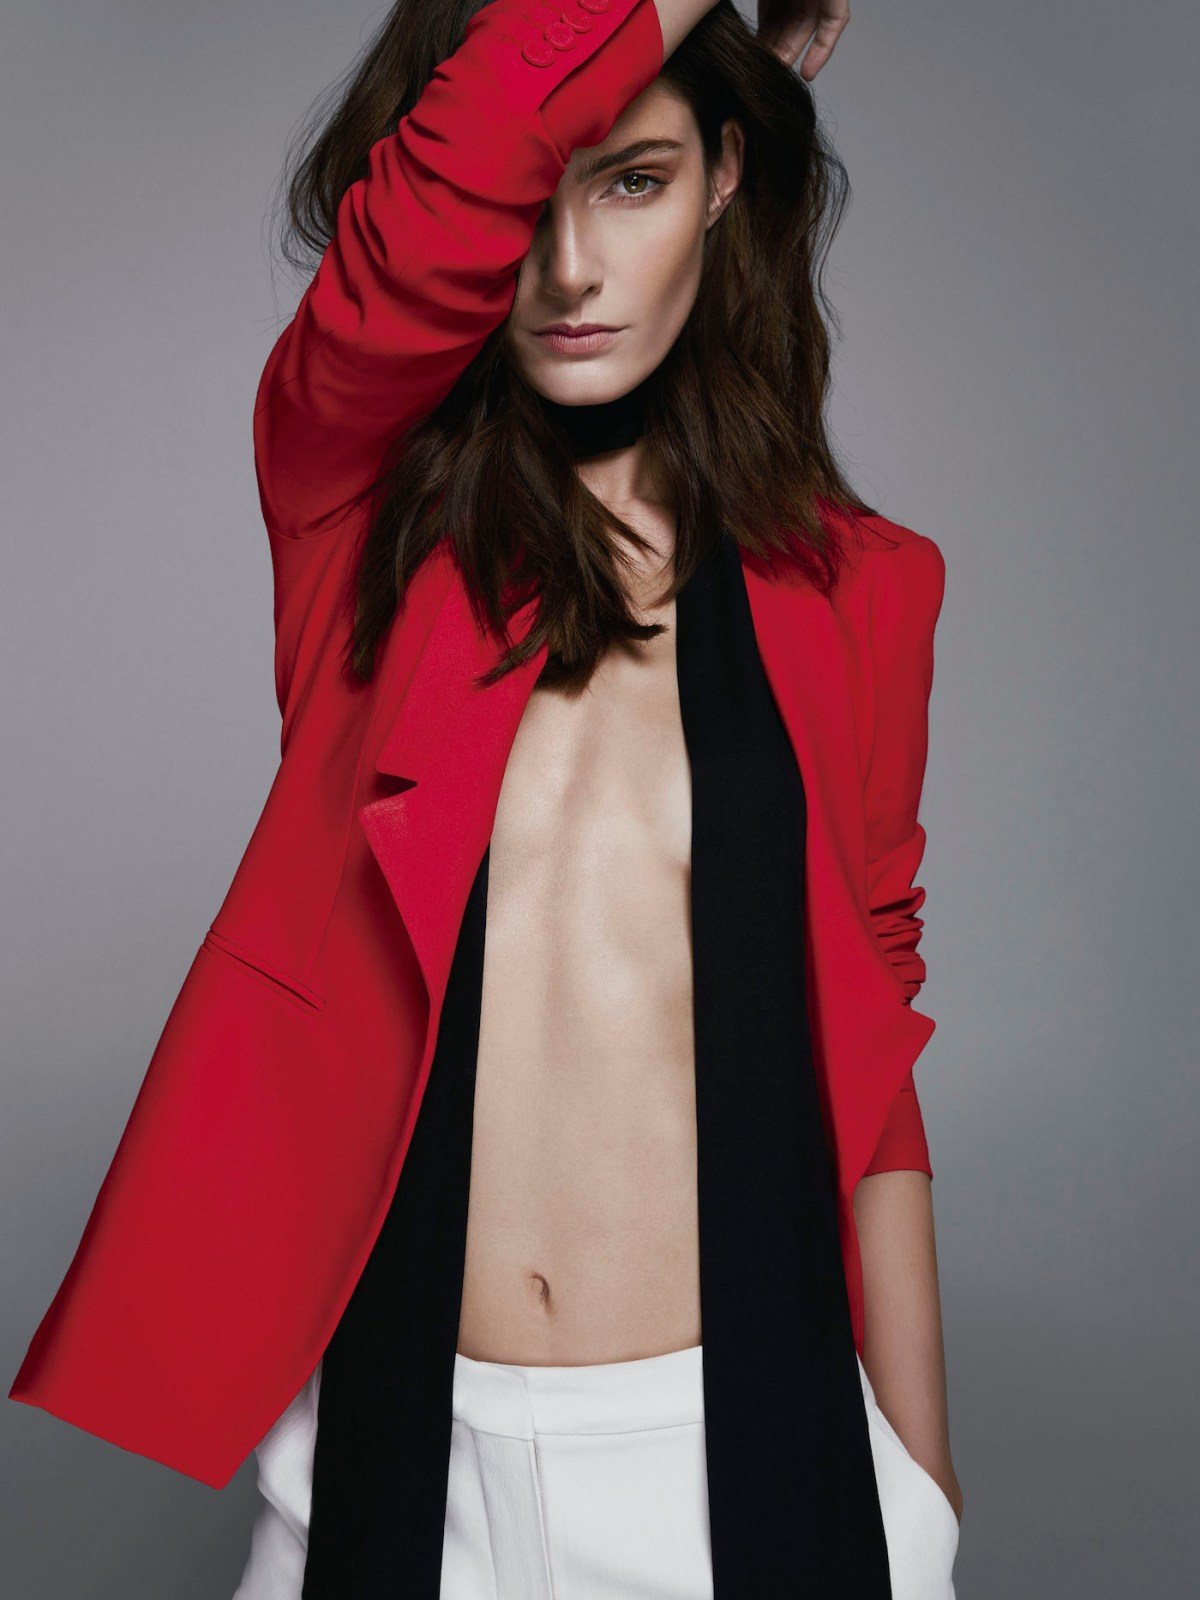 Mariana Coldebella by Pedro Quintana for Harper's Bazaar Chile